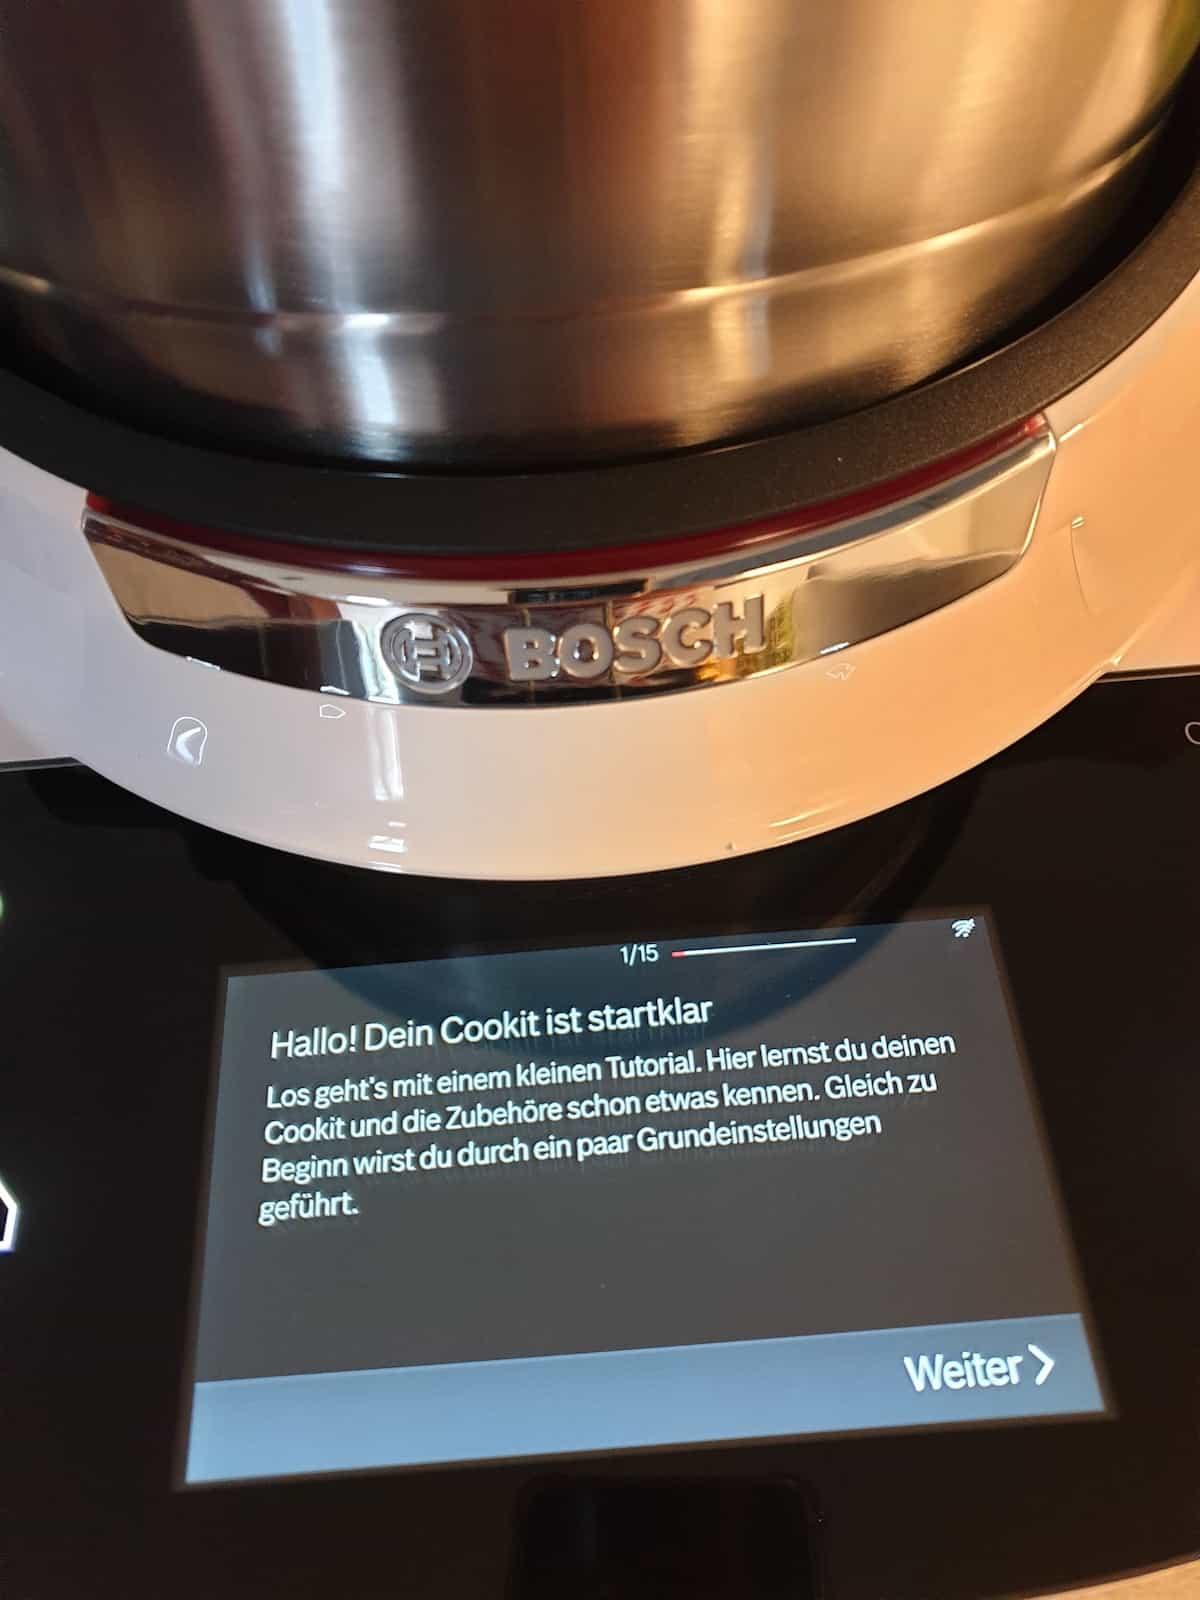 Bosch Cookit Vergleich Thermomix® – Foto: Nicole Stroschein